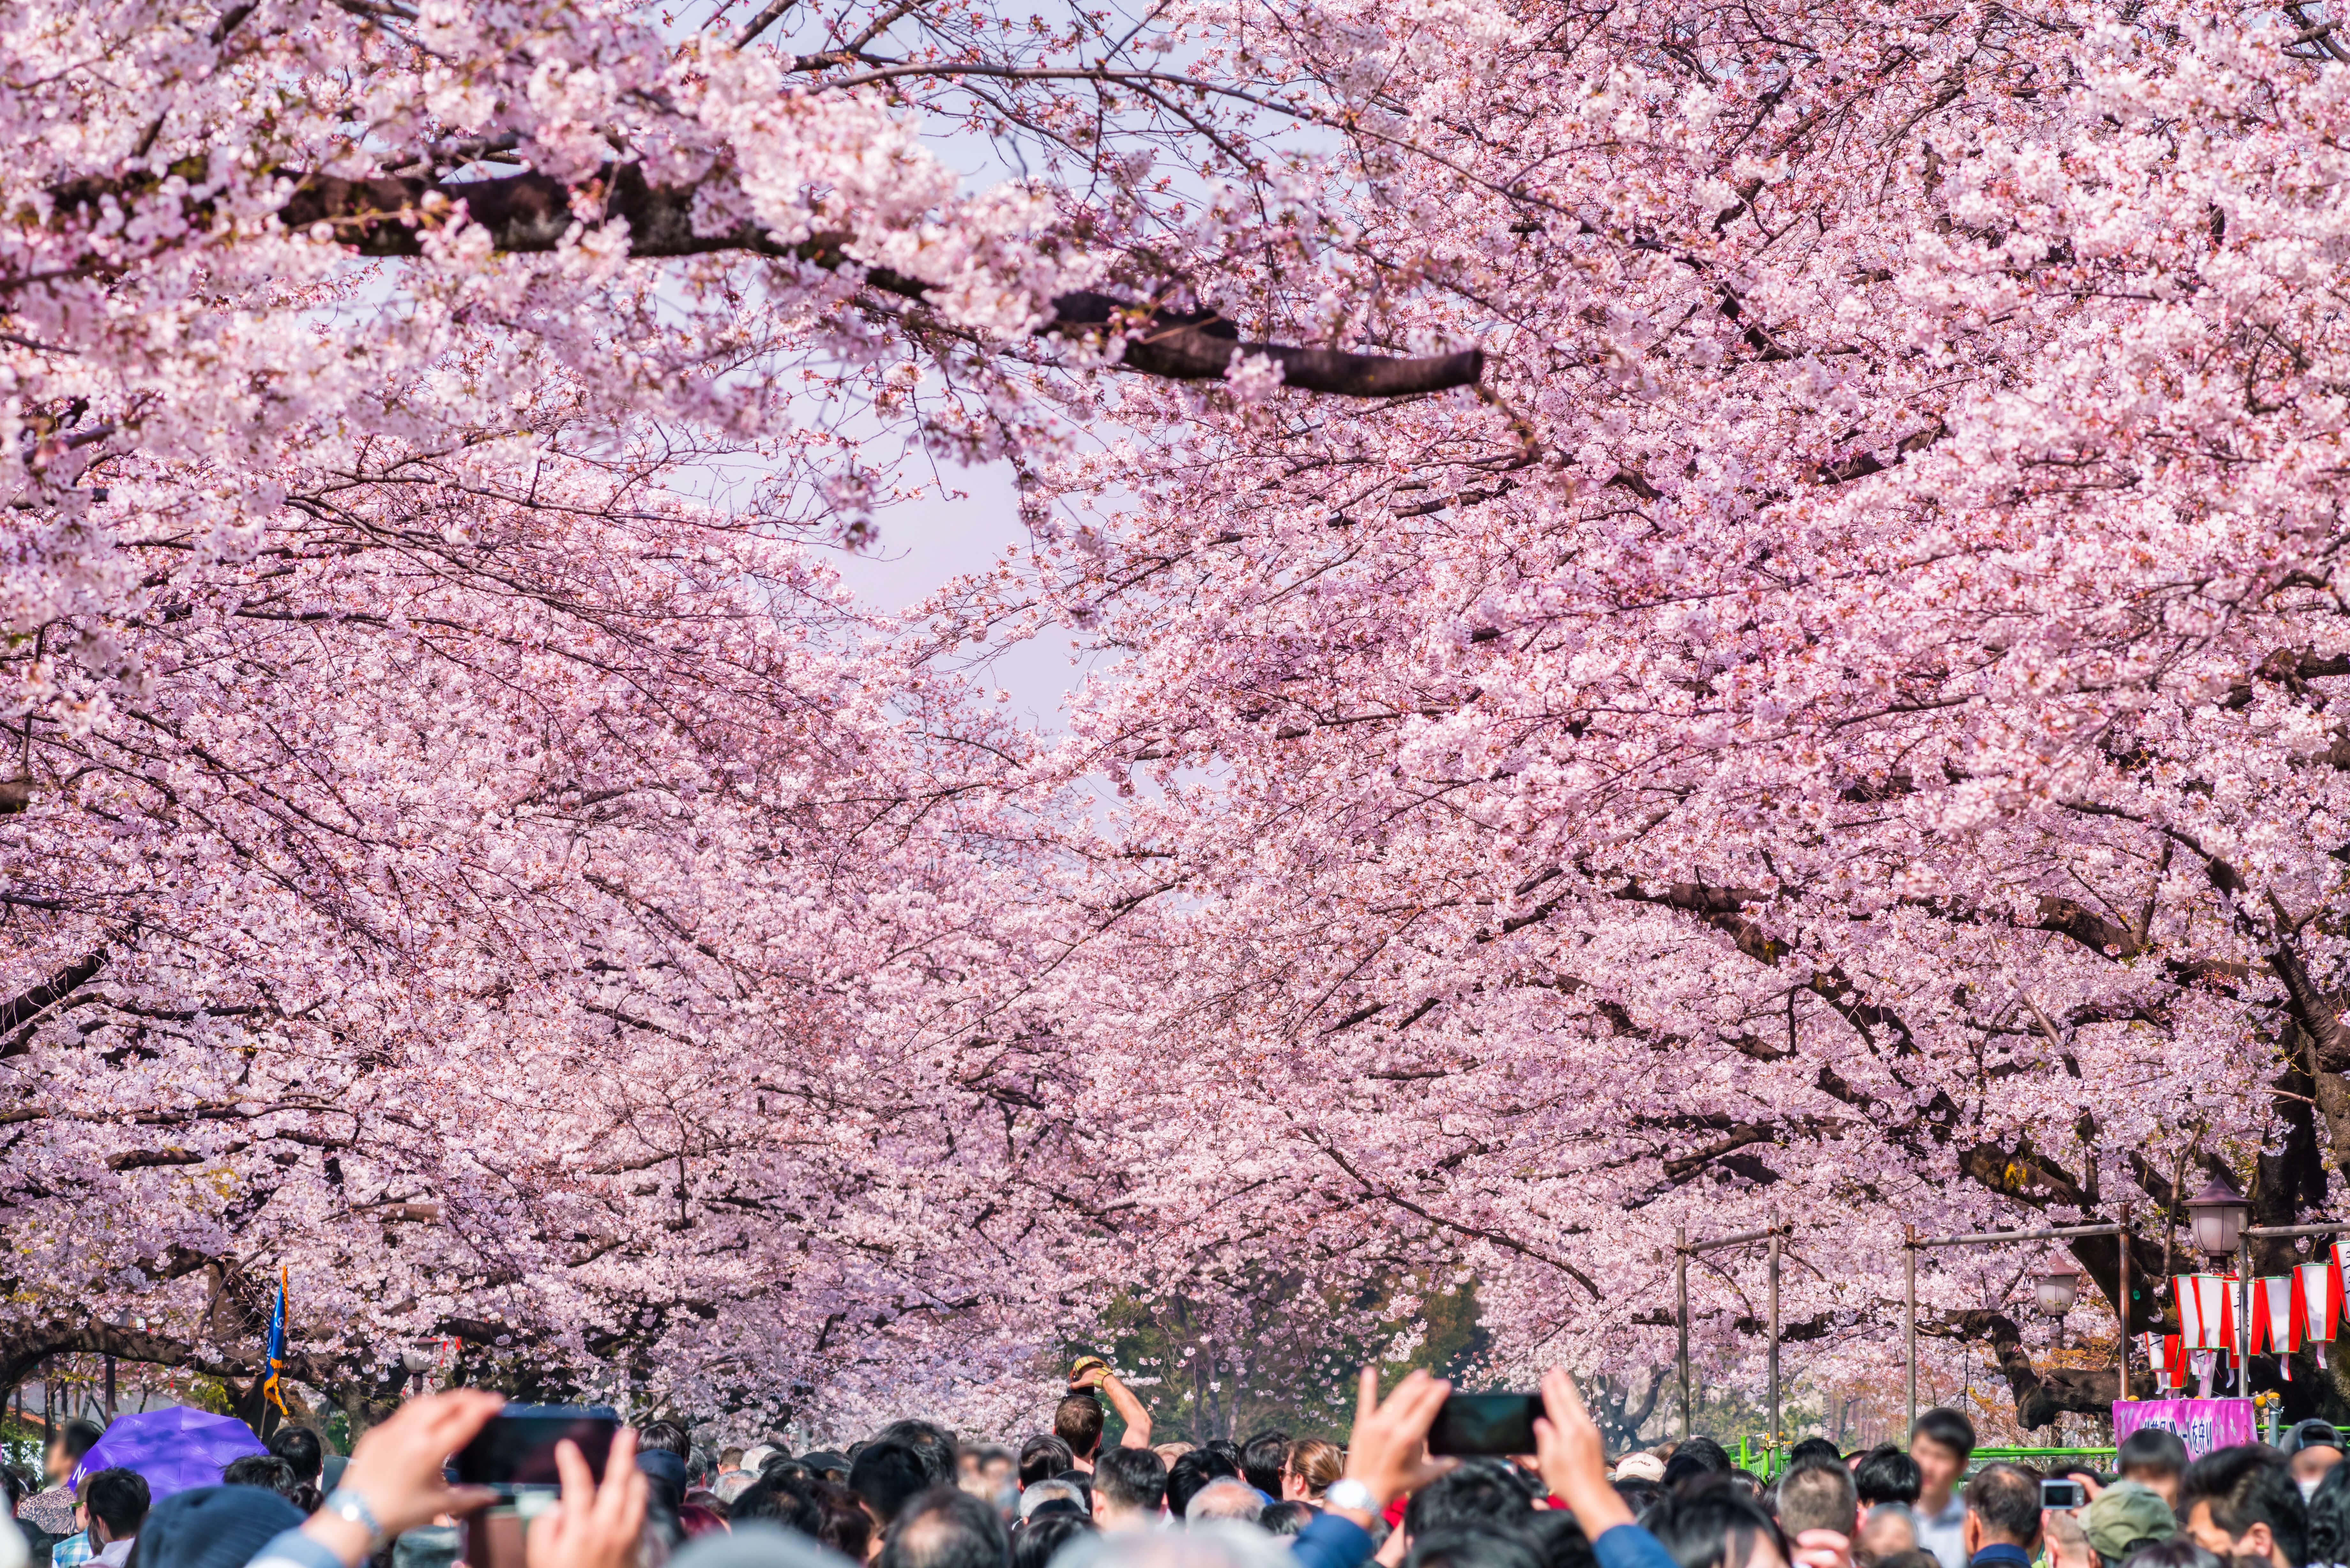 上野恩賜公園の桜並木